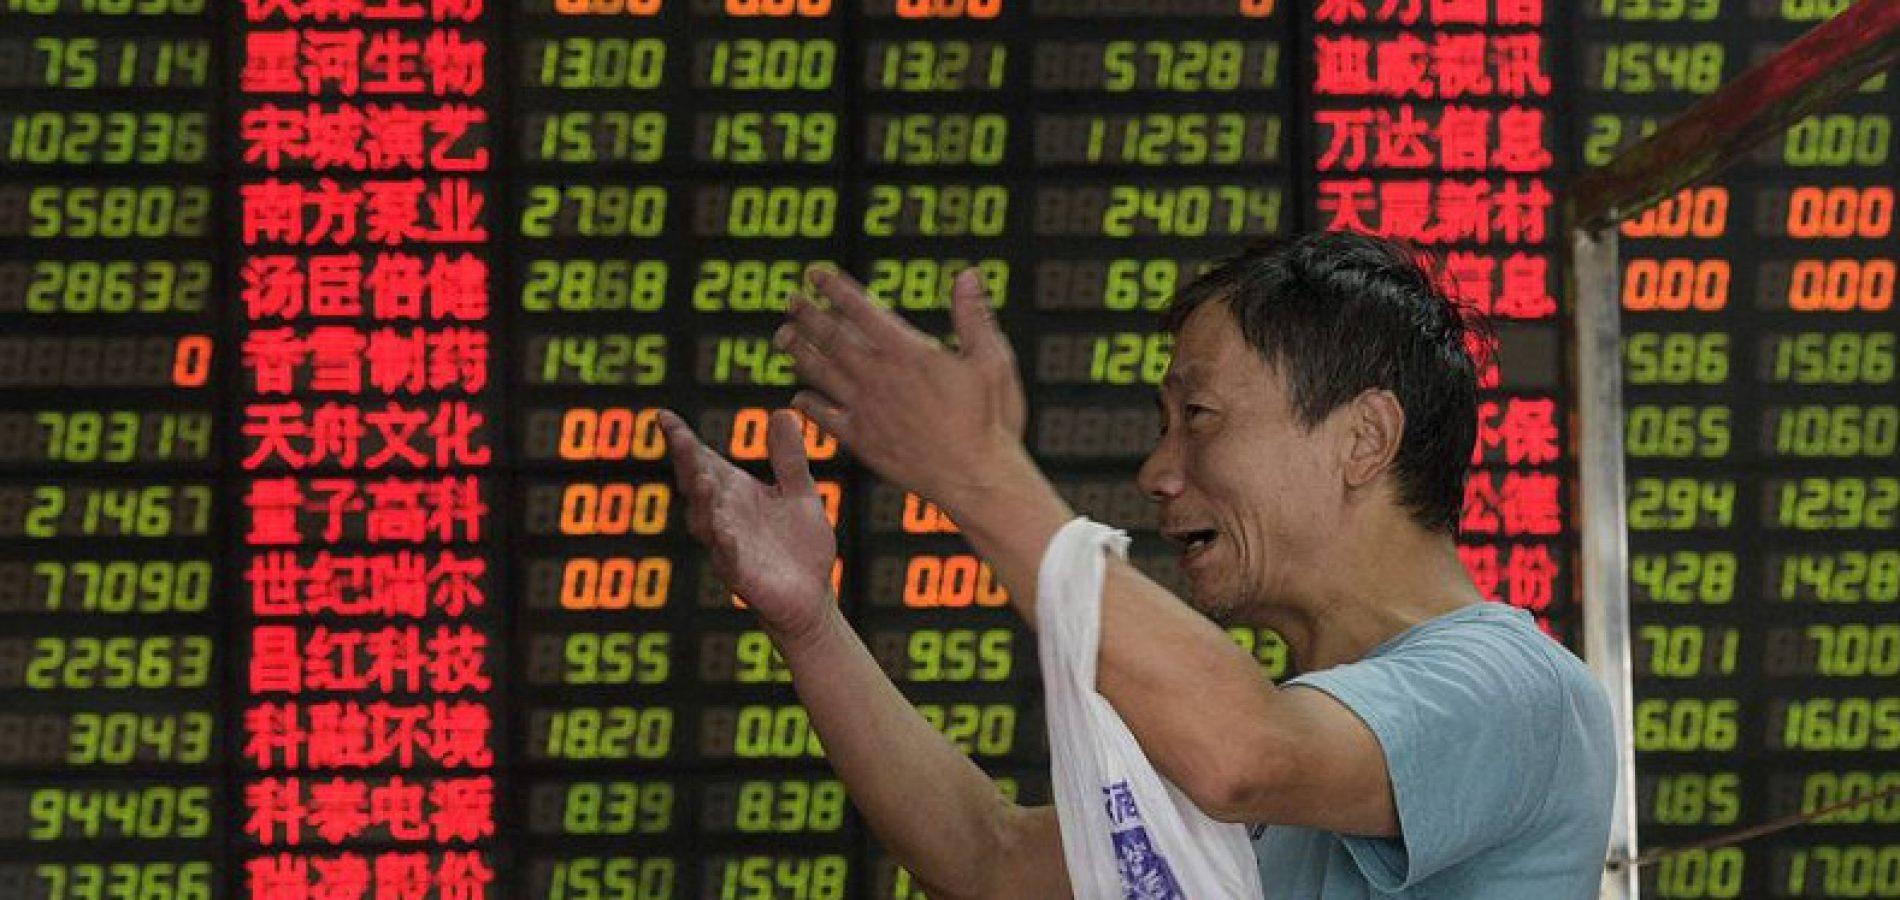 Azijska tržišta: Rast indeksa, sve izraženija volatilnost